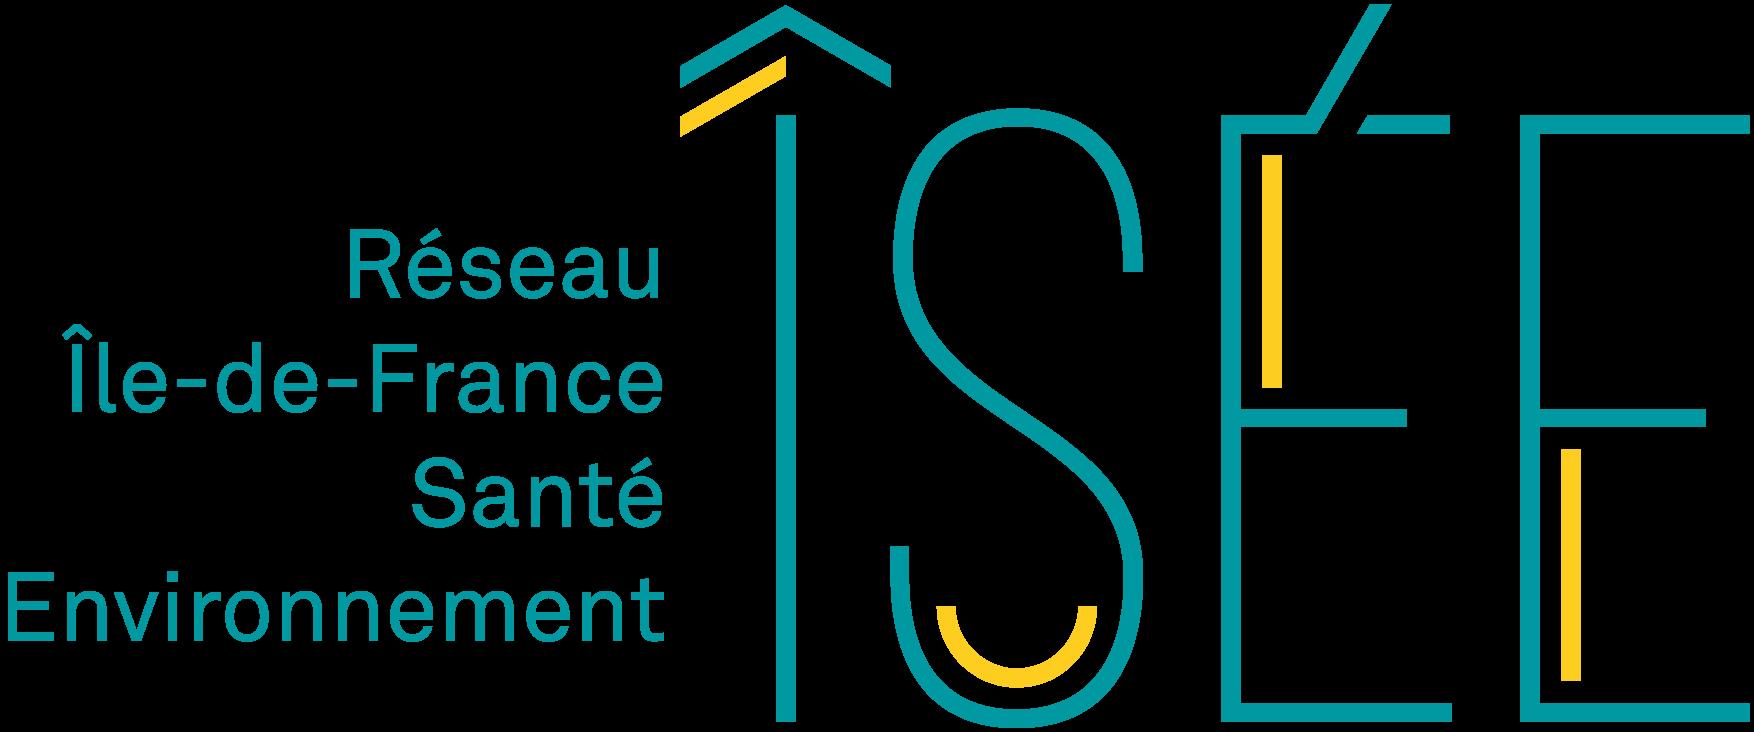 Réseau ISEE Ile-de-France Santé Environnement